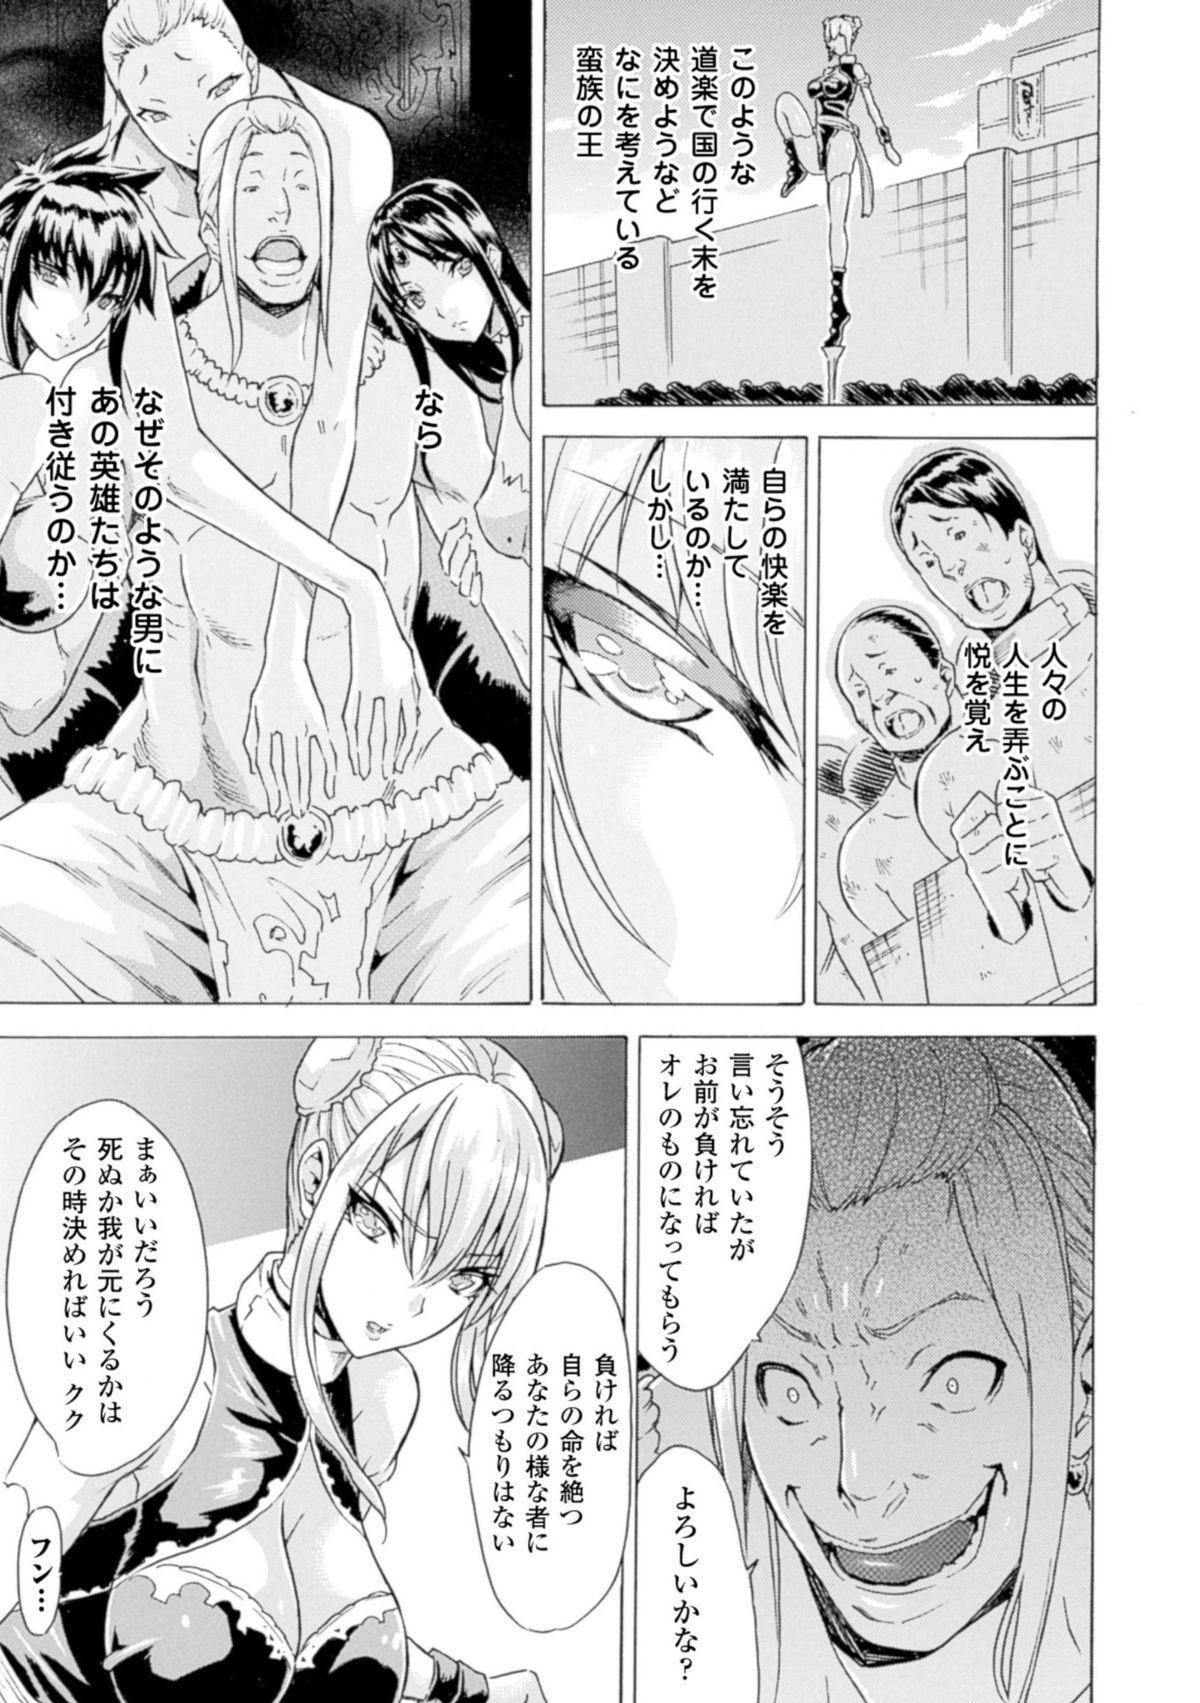 2D Comic Magazine Suisei Seibutsu ni Okasareru Heroine-tachi Vol. 1 6